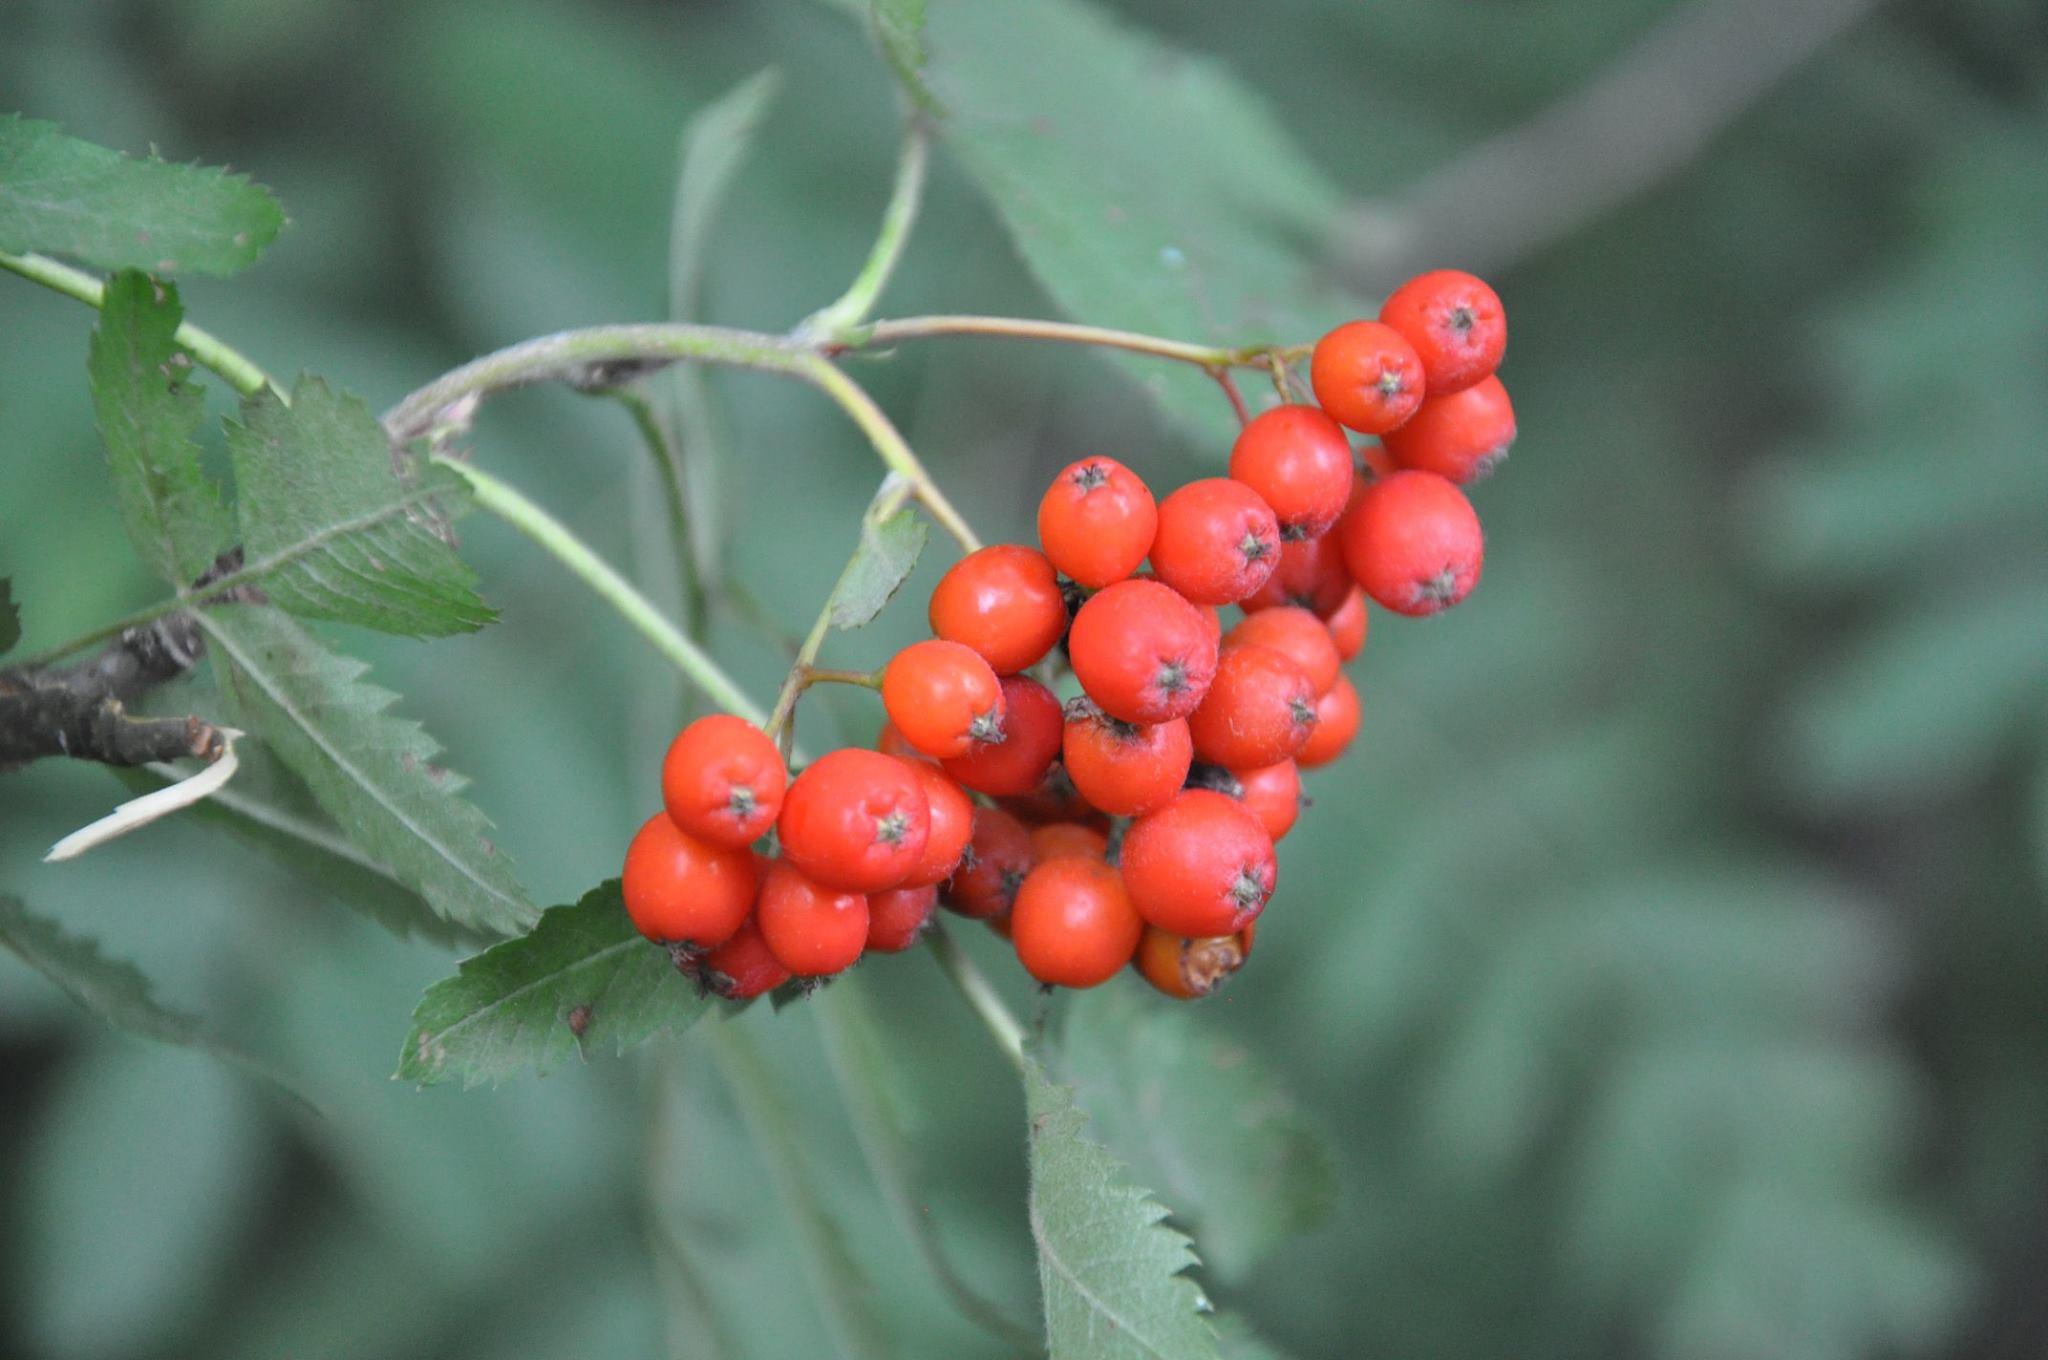 Jarzębina, Jarząb Pospolity (Sorbus Aucuparia L.) W Kosmetyce